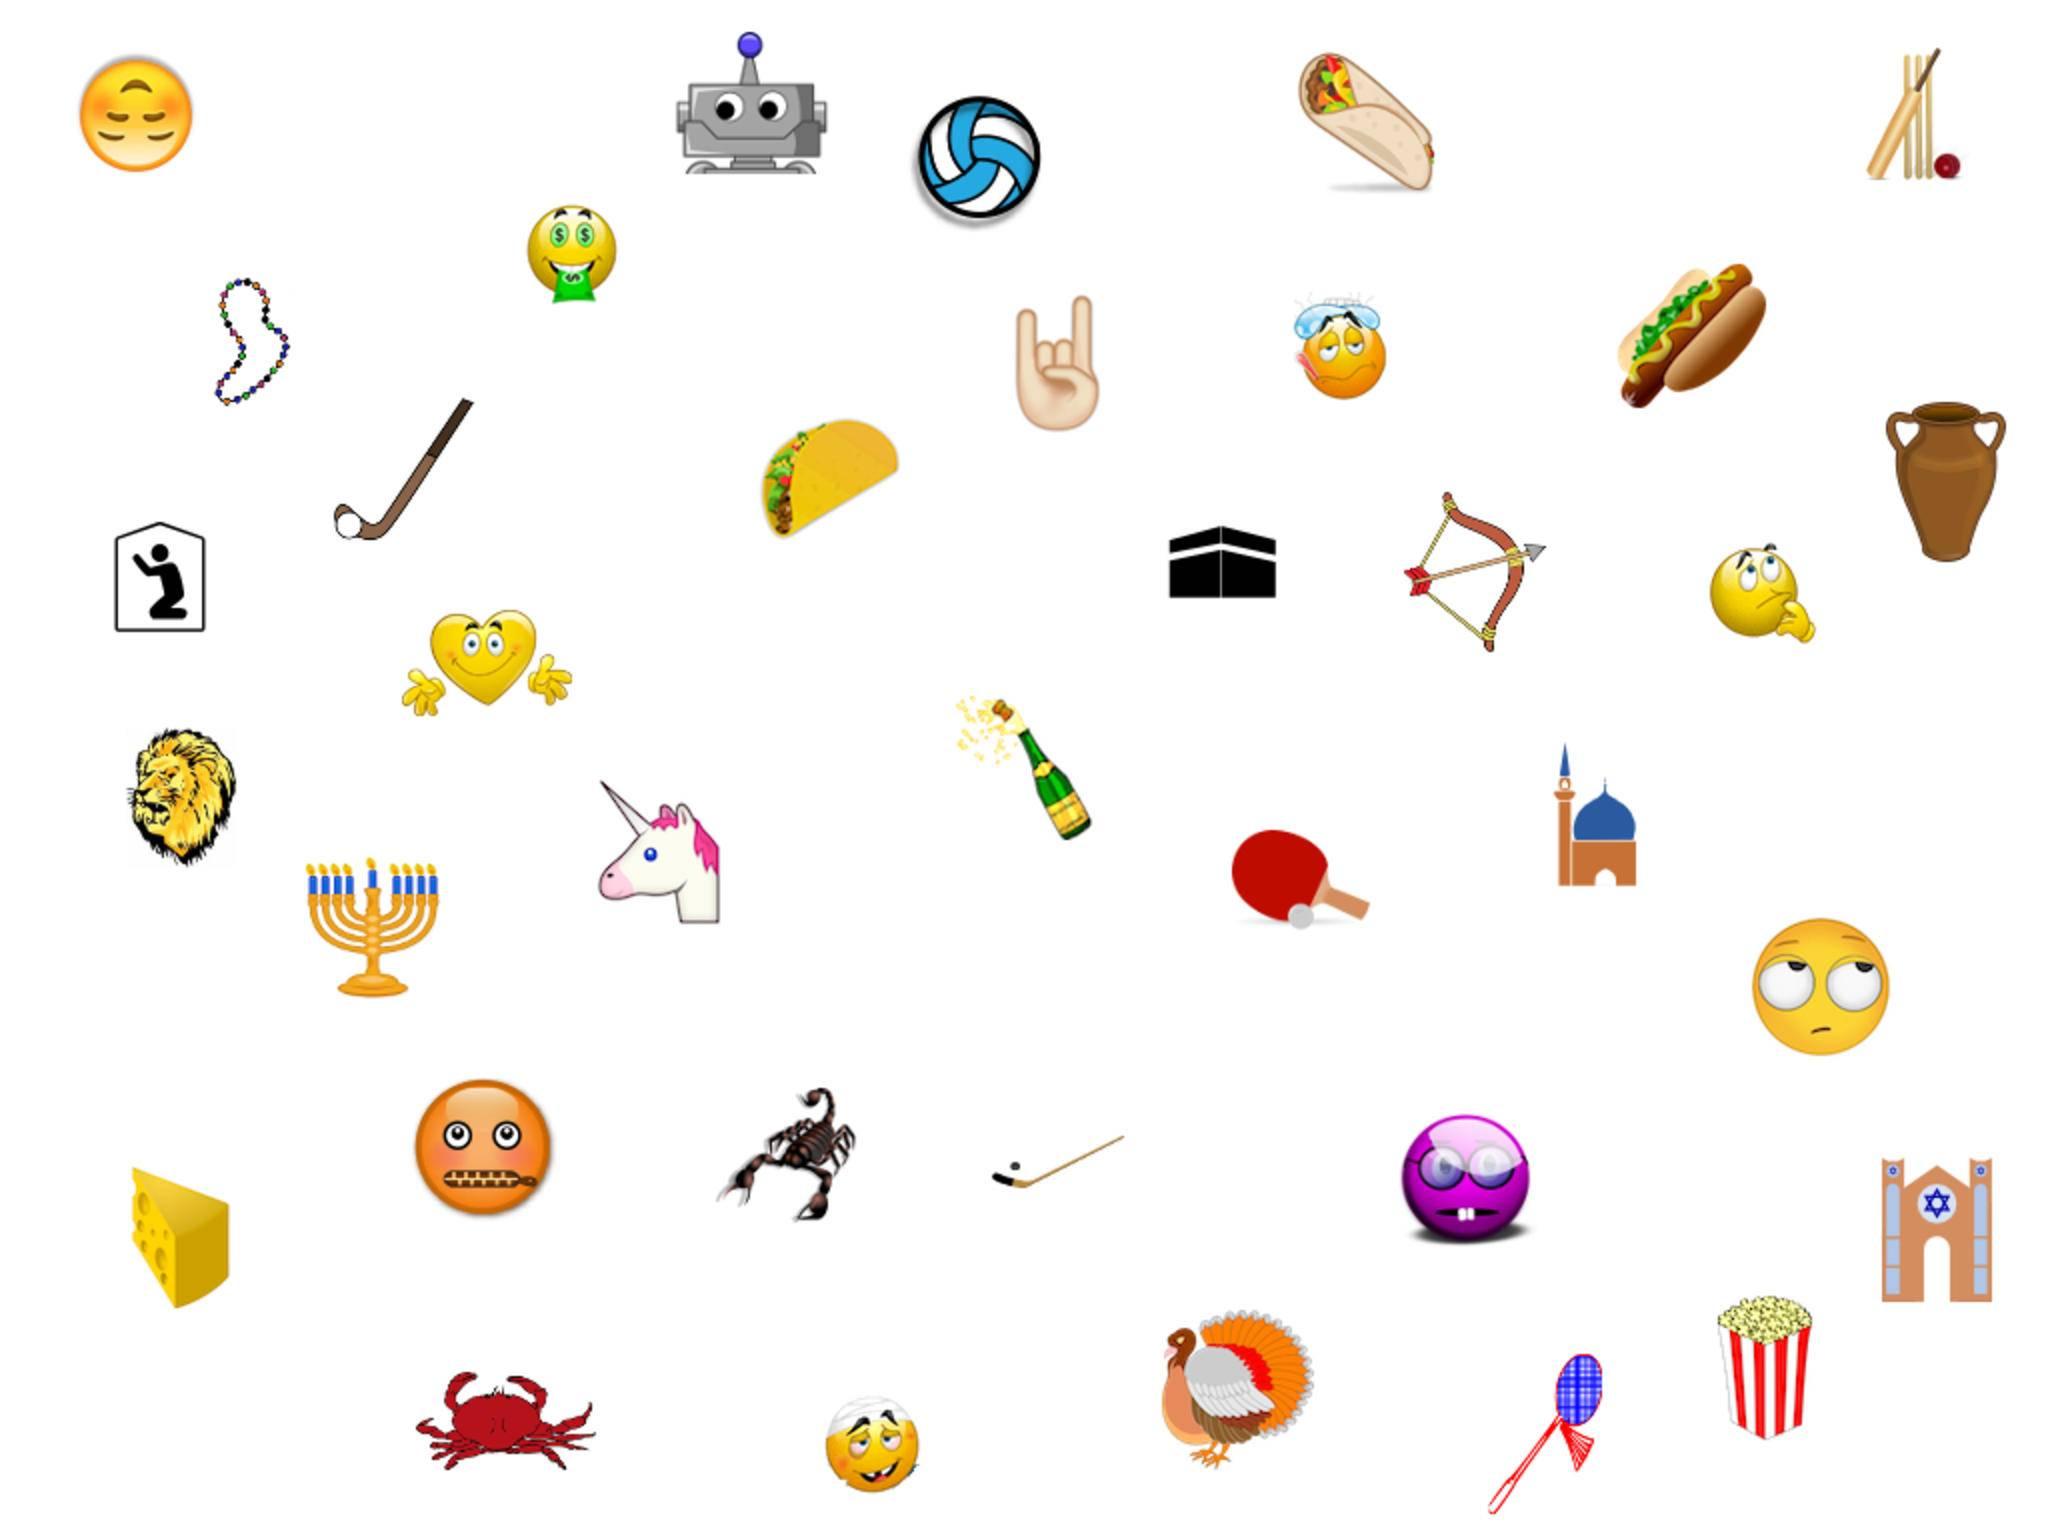 Diese neuen Emojis sind Teil von Unicode 8.0.